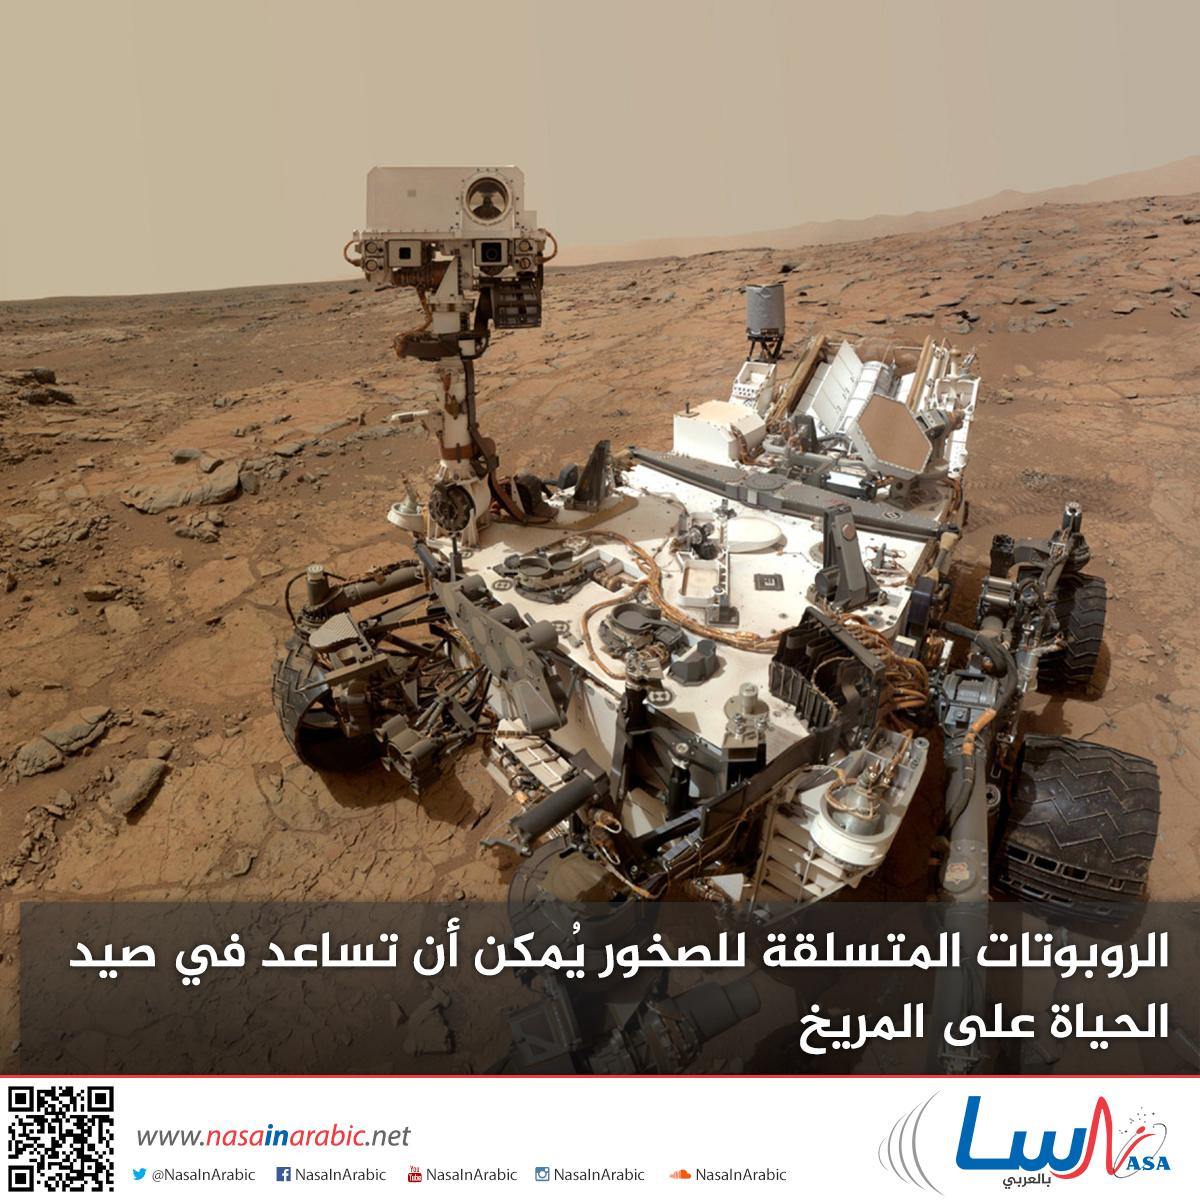 الروبوتات المتسلقة للصخور يُمكن أن تساعد في صيد الحياة على المريخ